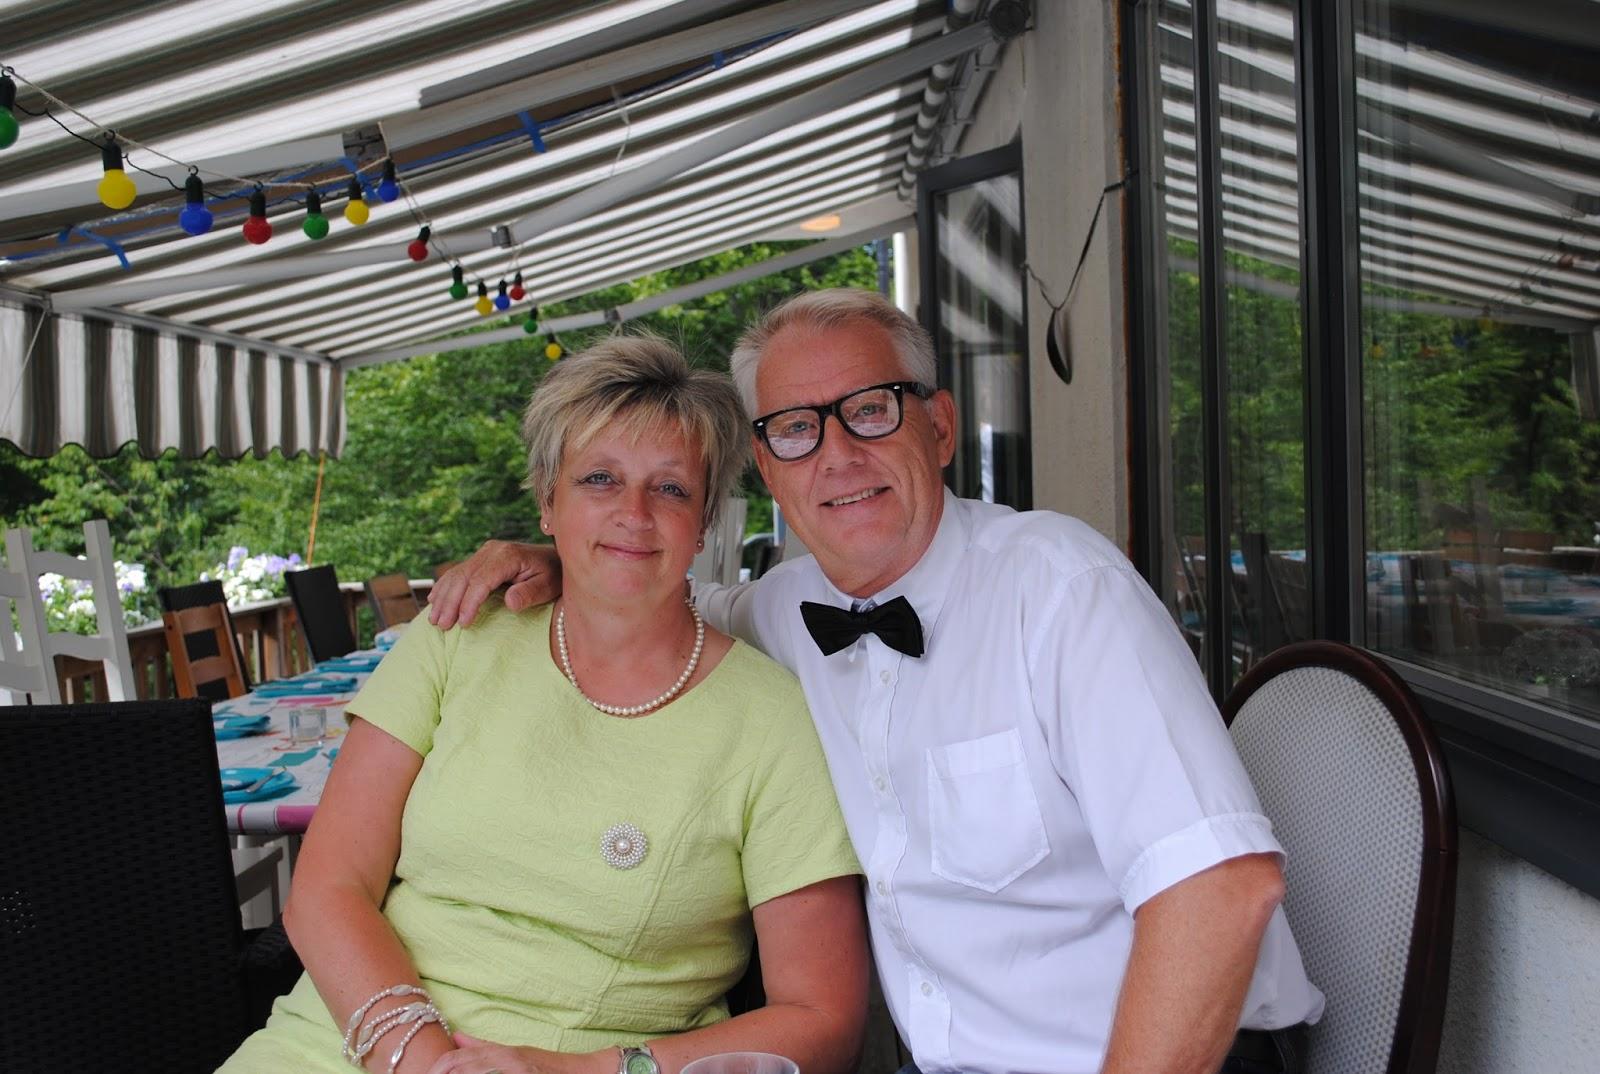 pappa 60 år Familjen Janetto: Pappa 60 år. pappa 60 år